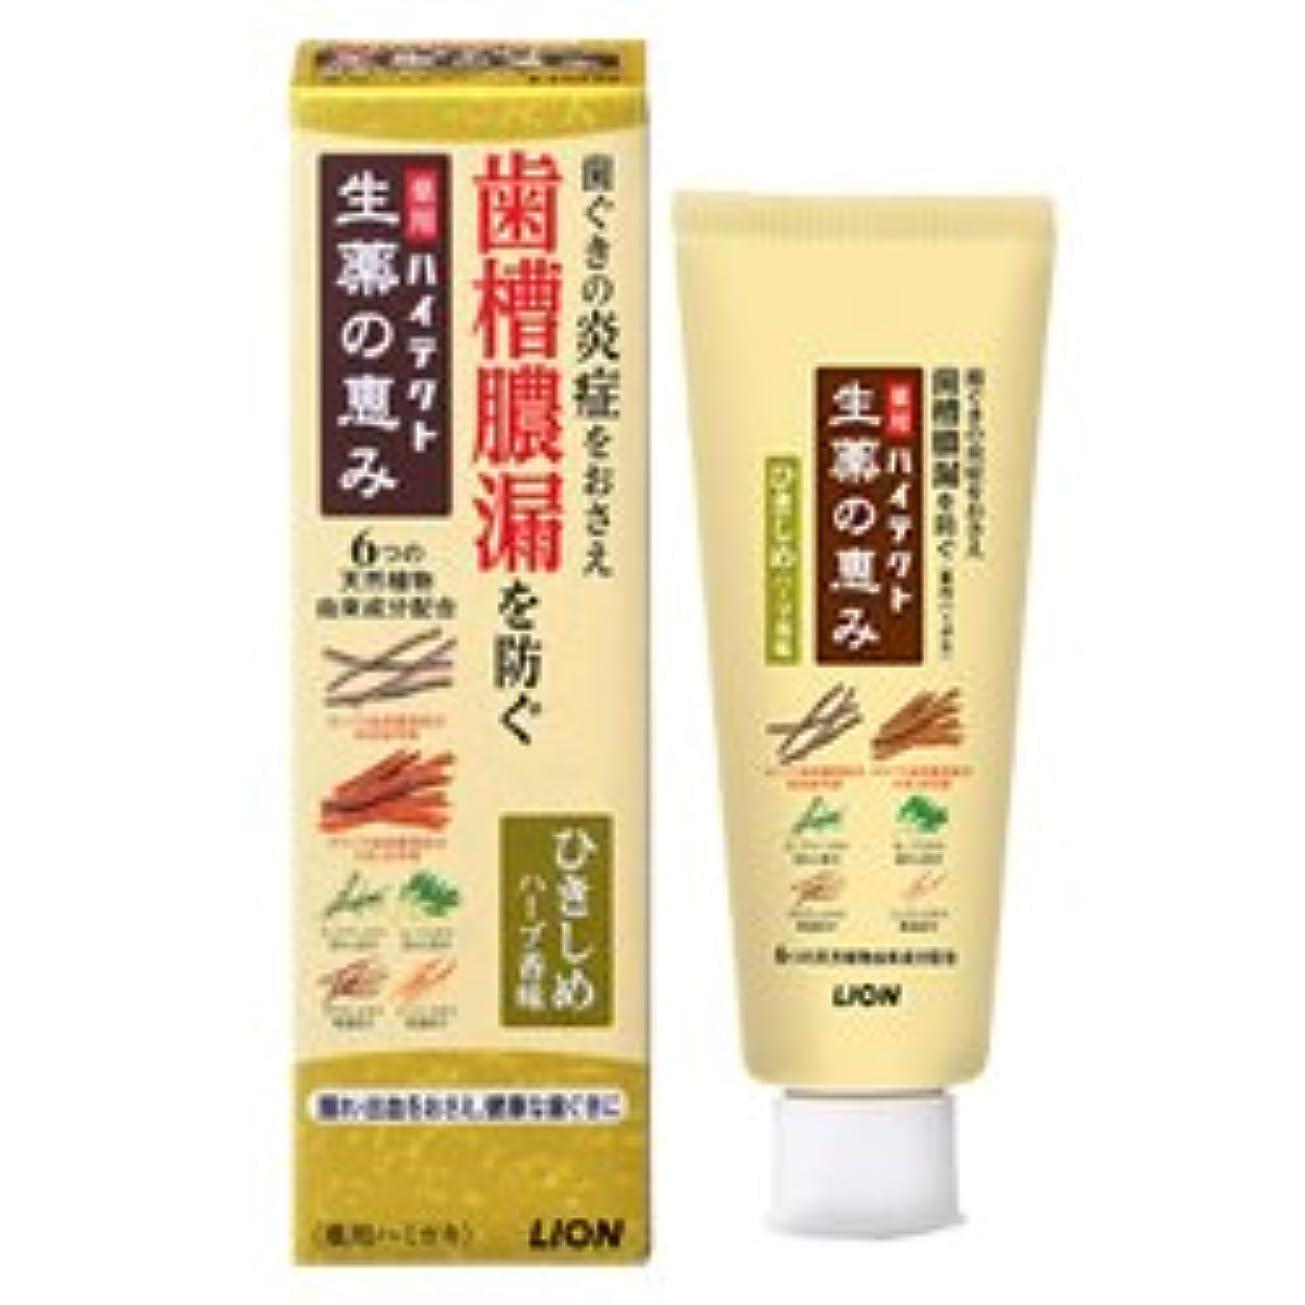 保護内向き主張する【ライオン】ハイテクト 生薬の恵み ひきしめハーブ香味90g×5個セット